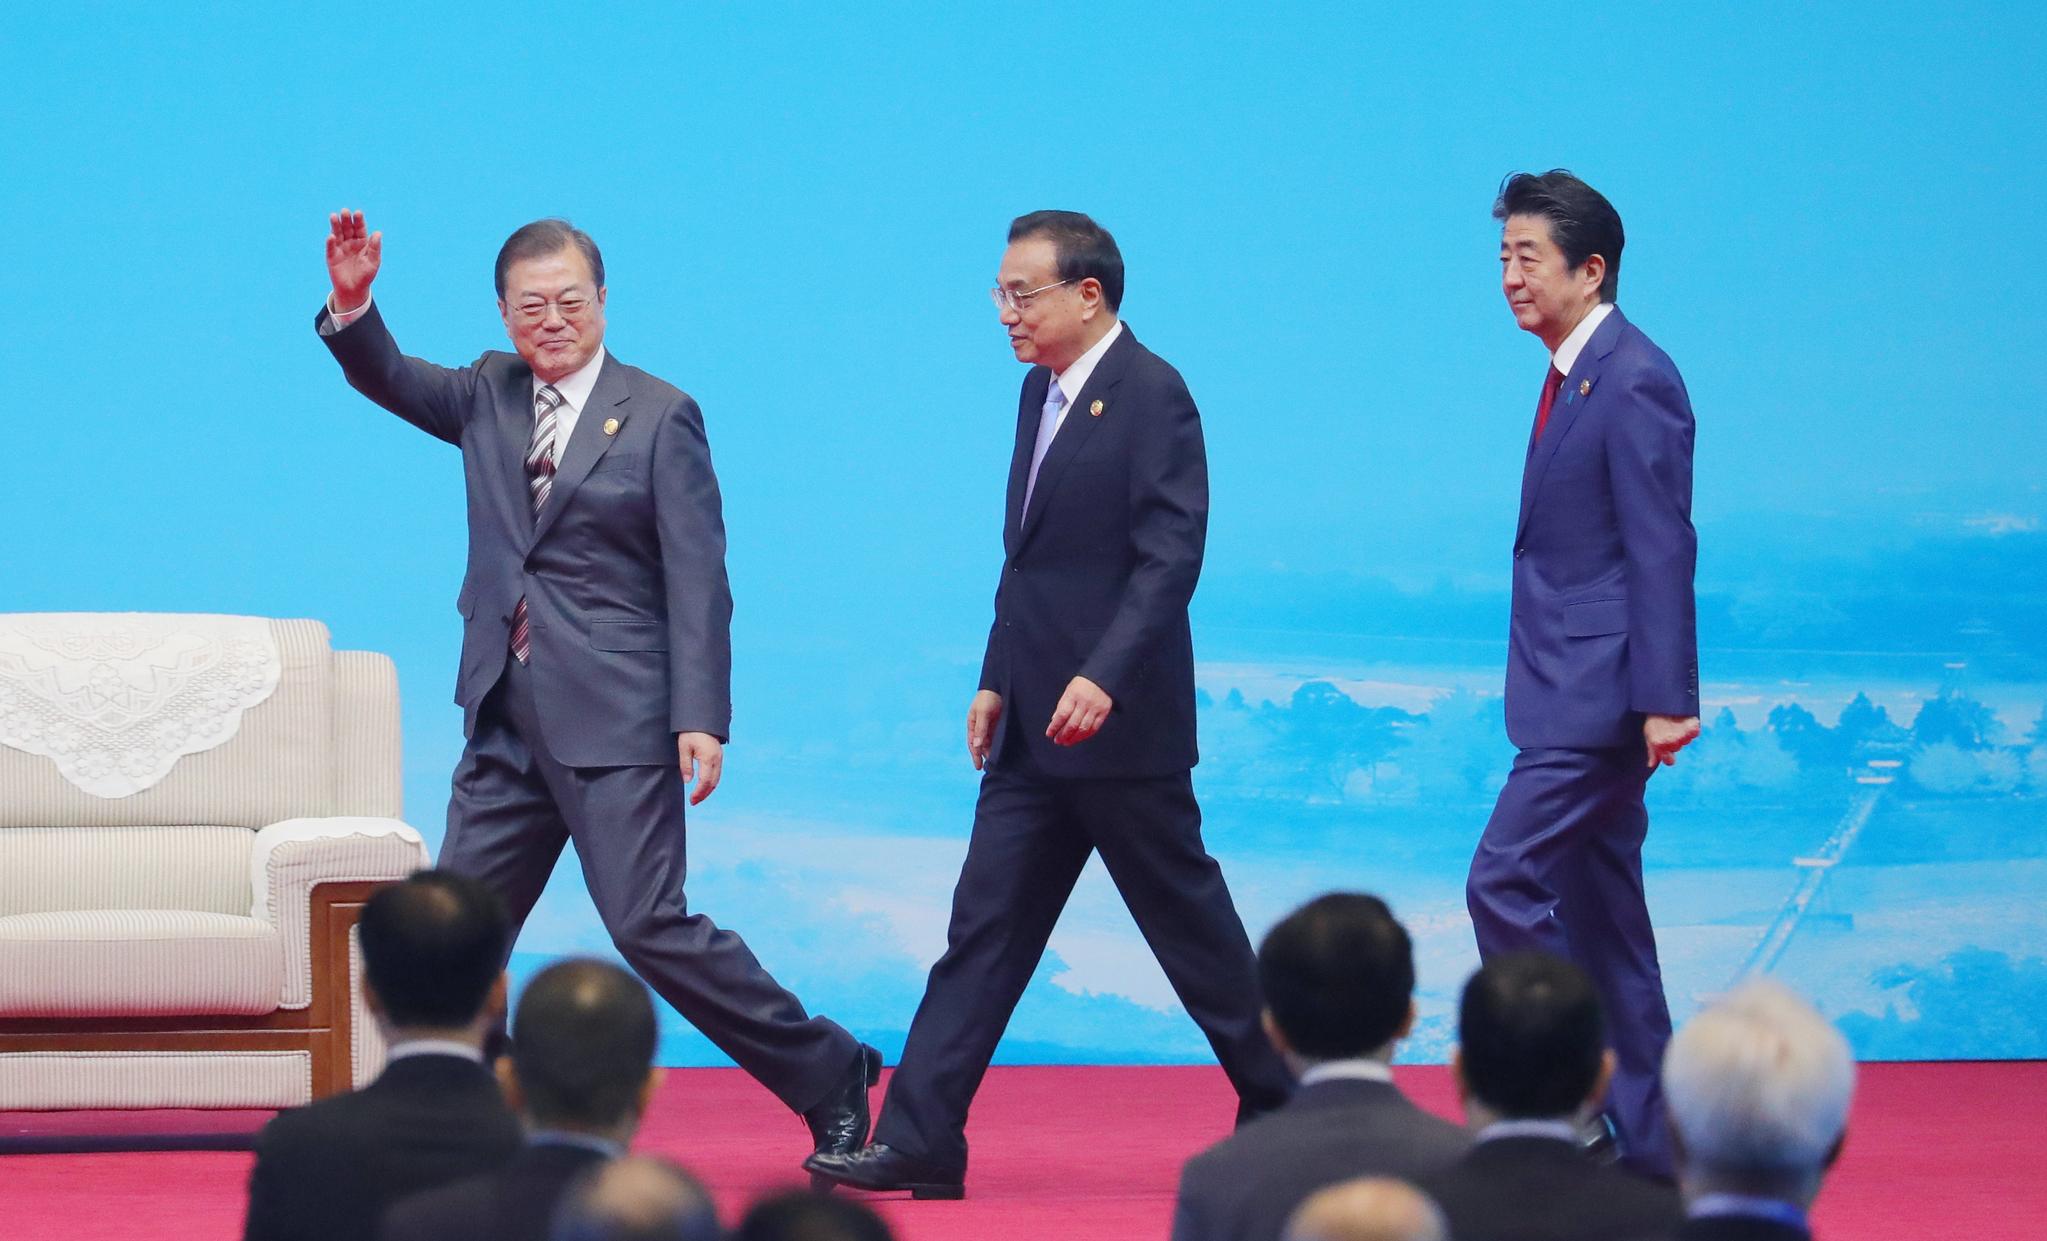 문재인 대통령과 아베 일본 총리, 리커창 중국 총리가 2019년 12월 24일(현지시간) 쓰촨성 청두 세기성 박람회장에서 열린 한중일 비즈니스 서밋에 입장하고 있는 모습. 연합뉴스